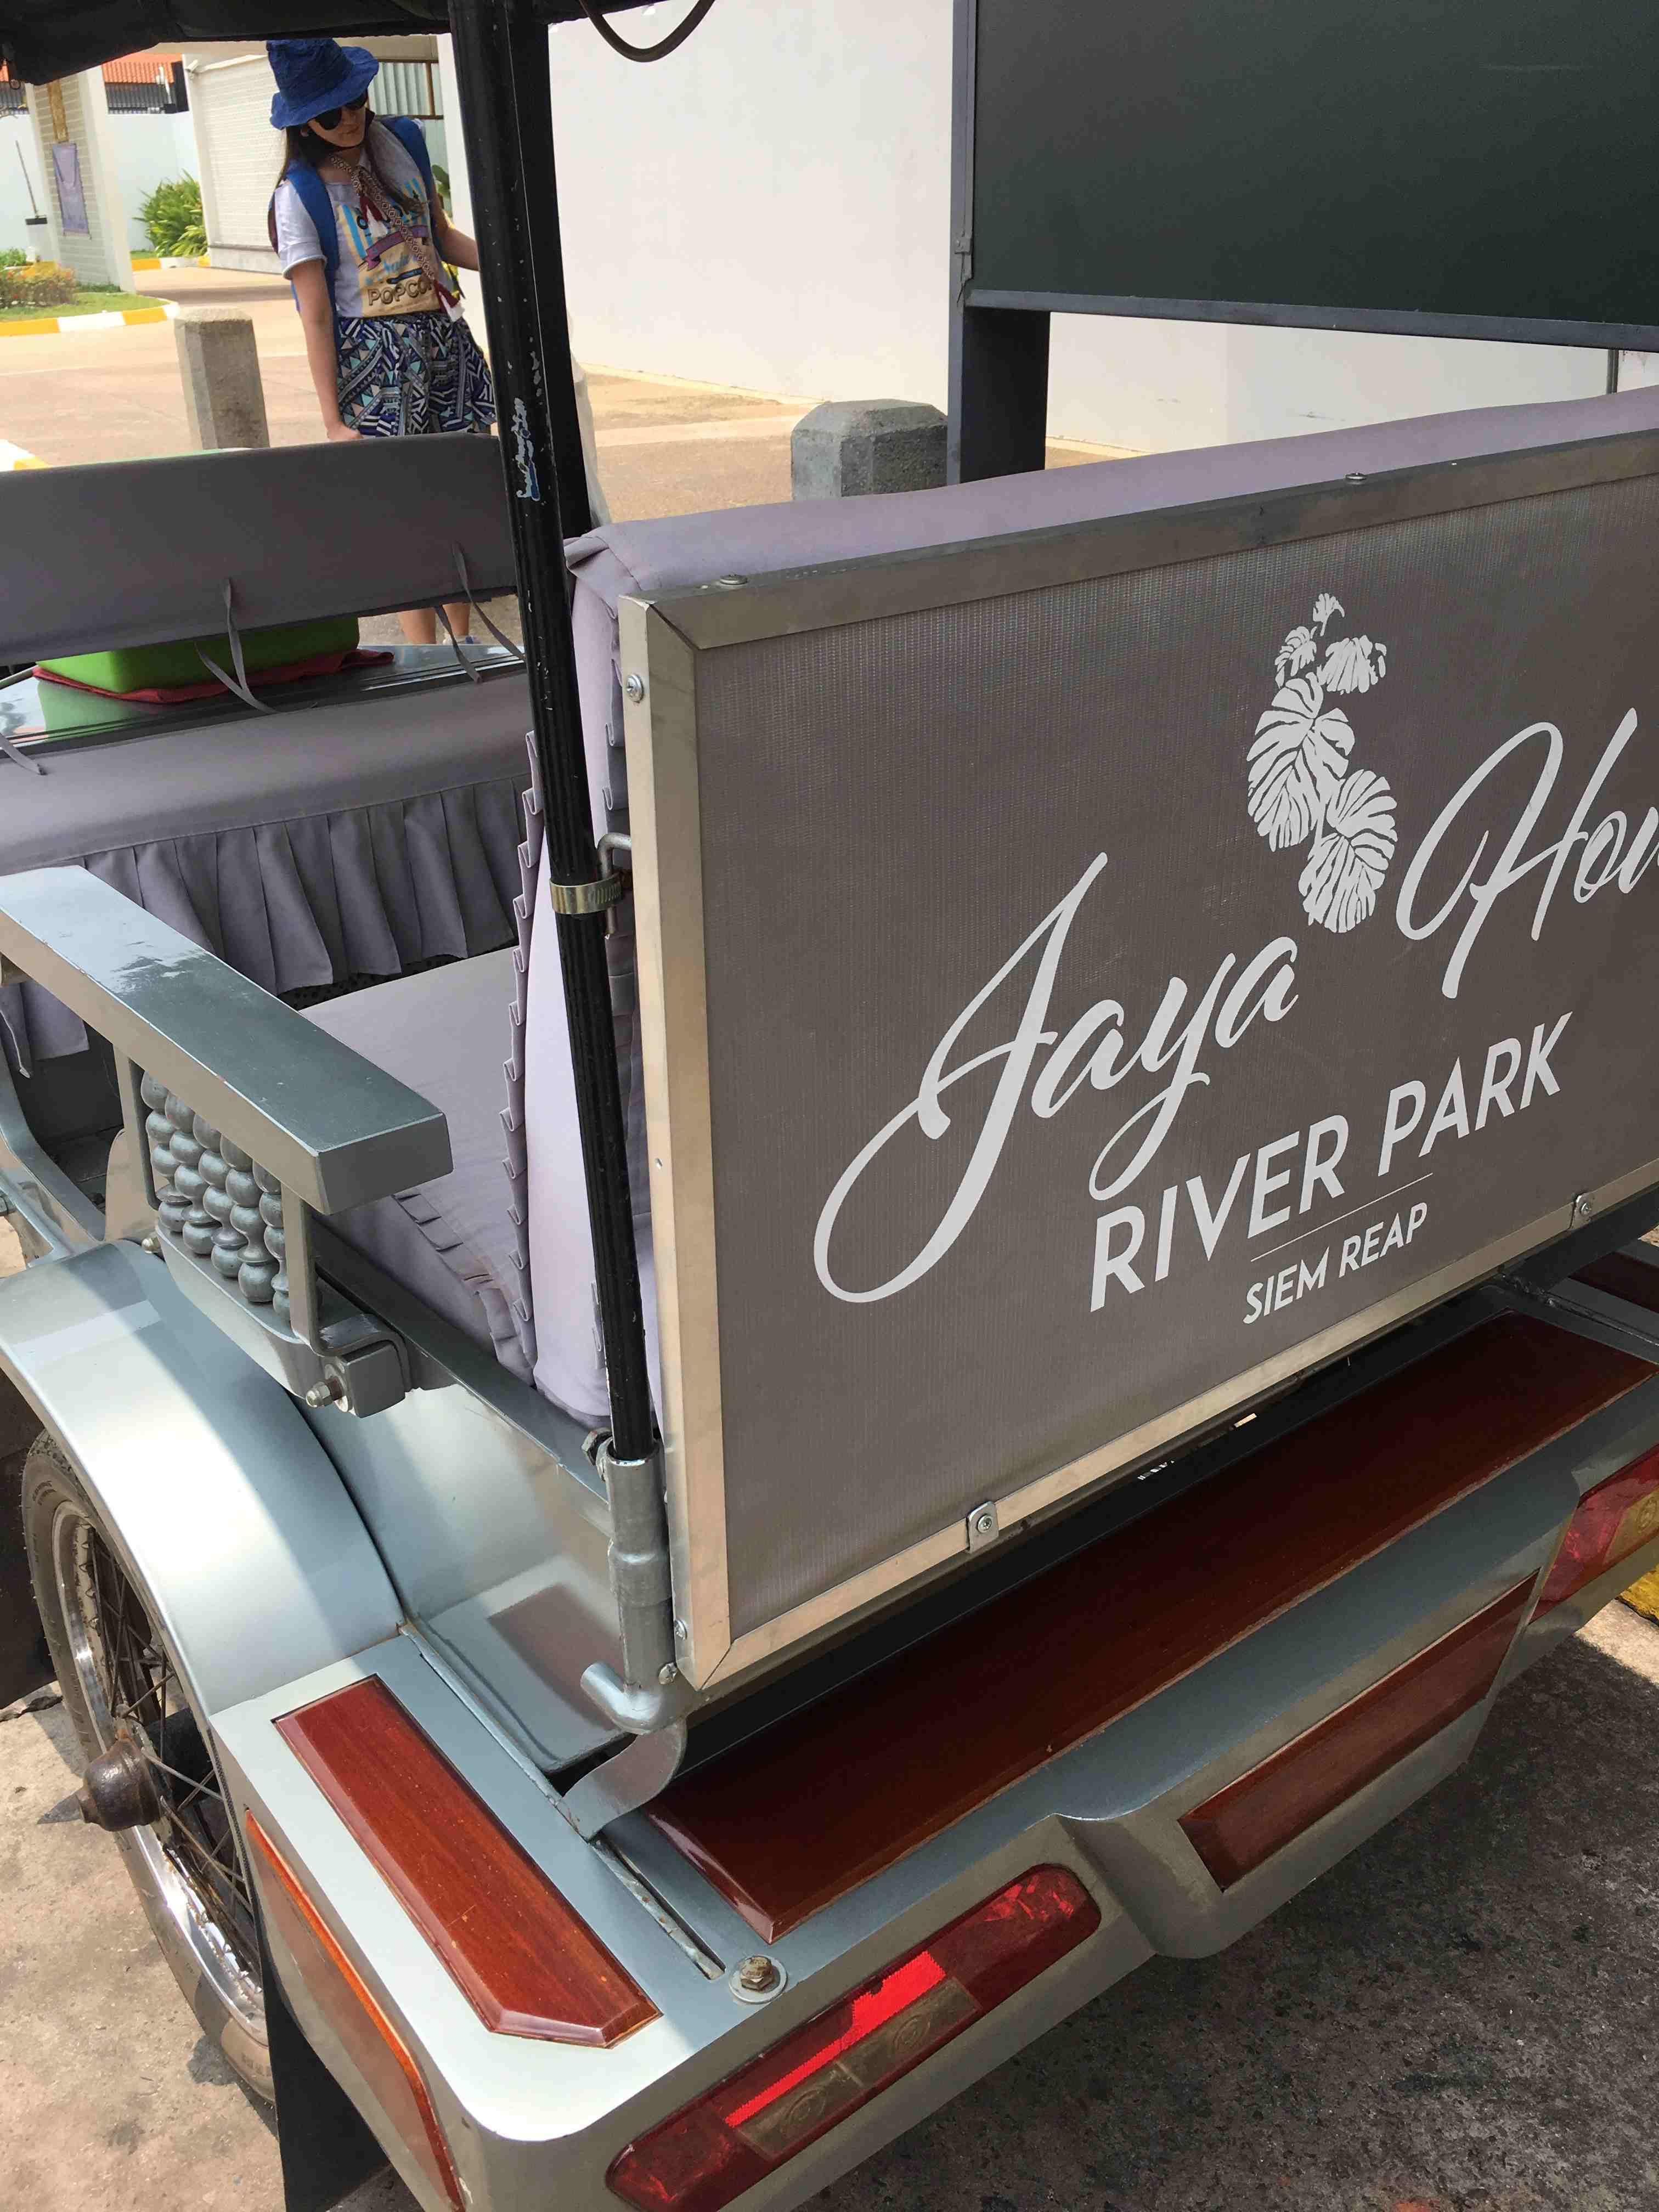 Jaya House River Park